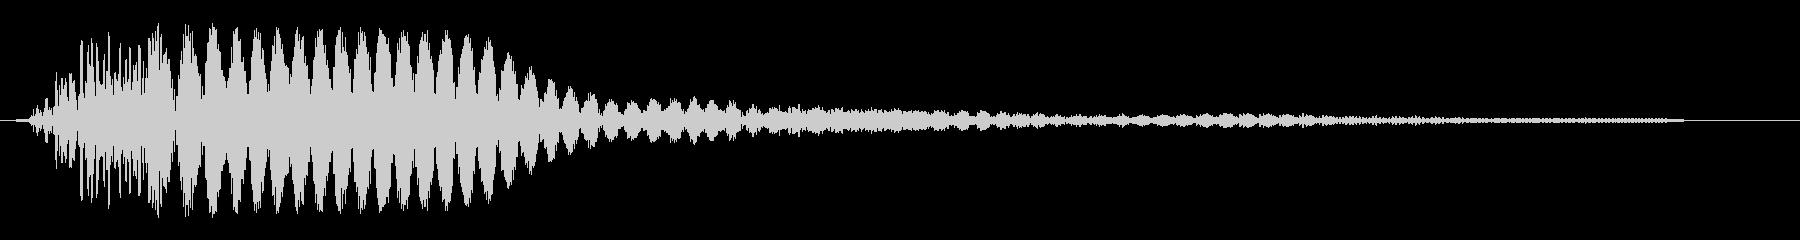 ポーン(シンプルな単音の決定音)の未再生の波形